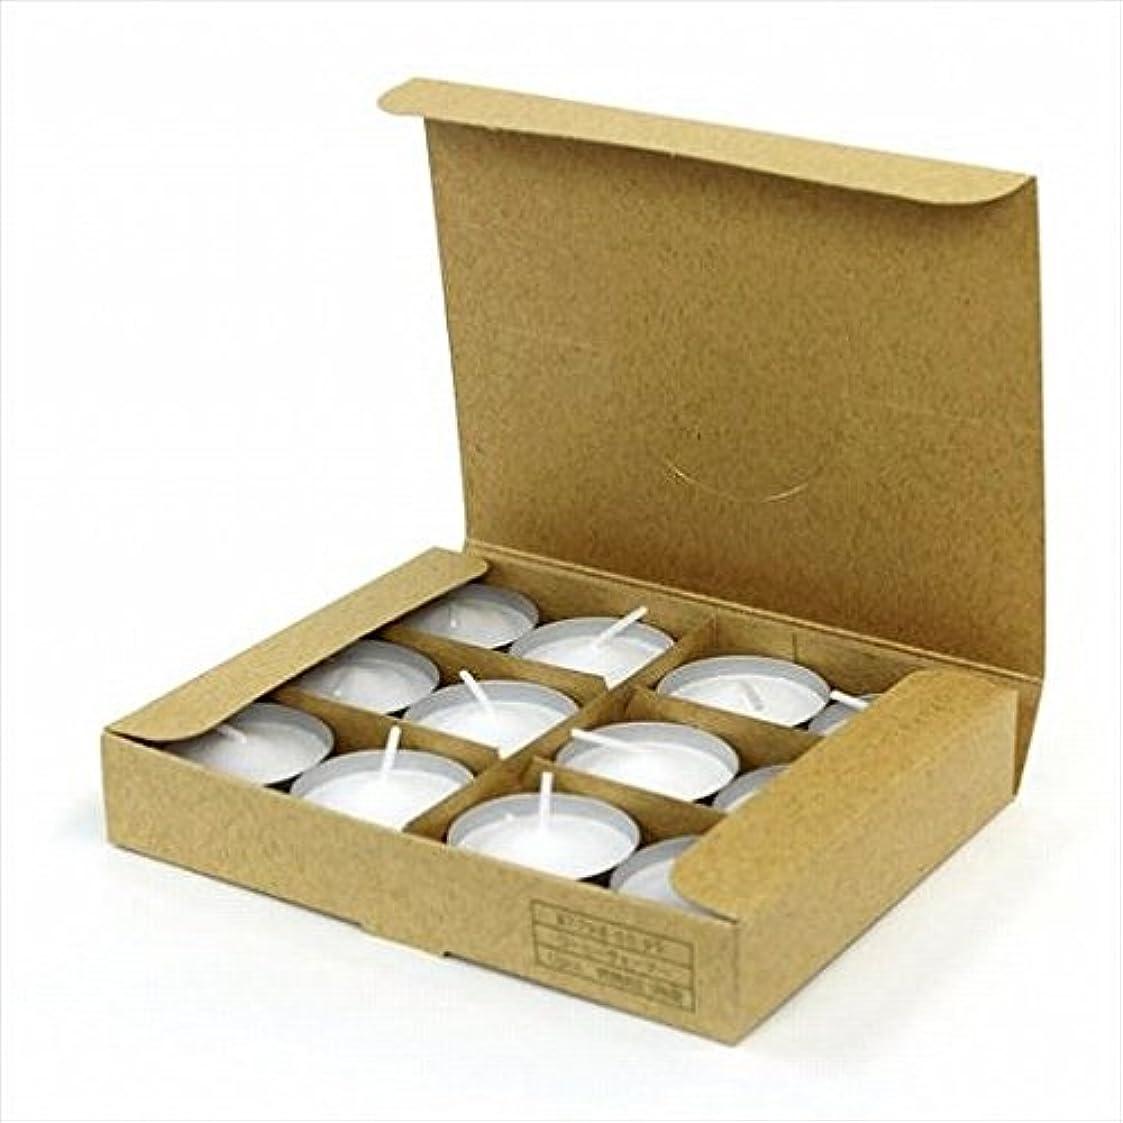 シュリンクピック比べるkameyama candle(カメヤマキャンドル) コーヒーウォーマー12個入り(日本製)(77980099)